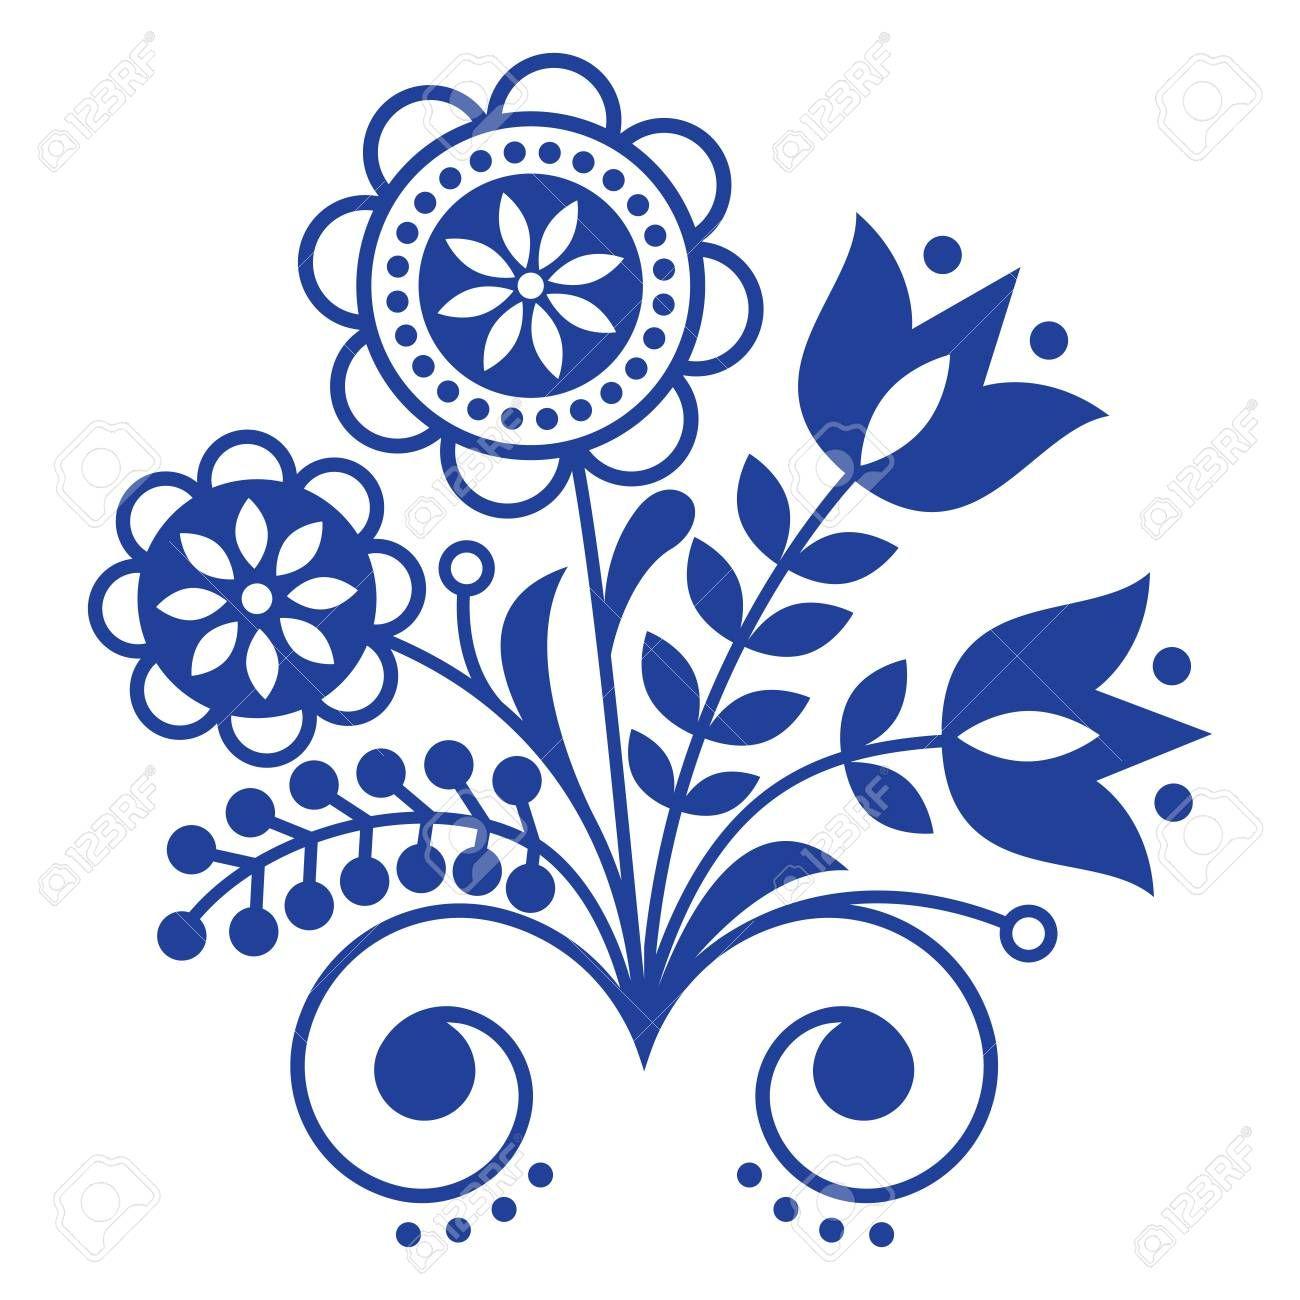 Scandinavian Folk Art Ornament With Flowers Nordic Floral Design In 2020 Folk Art Ornament Folk Art Flowers Scandinavian Folk Art